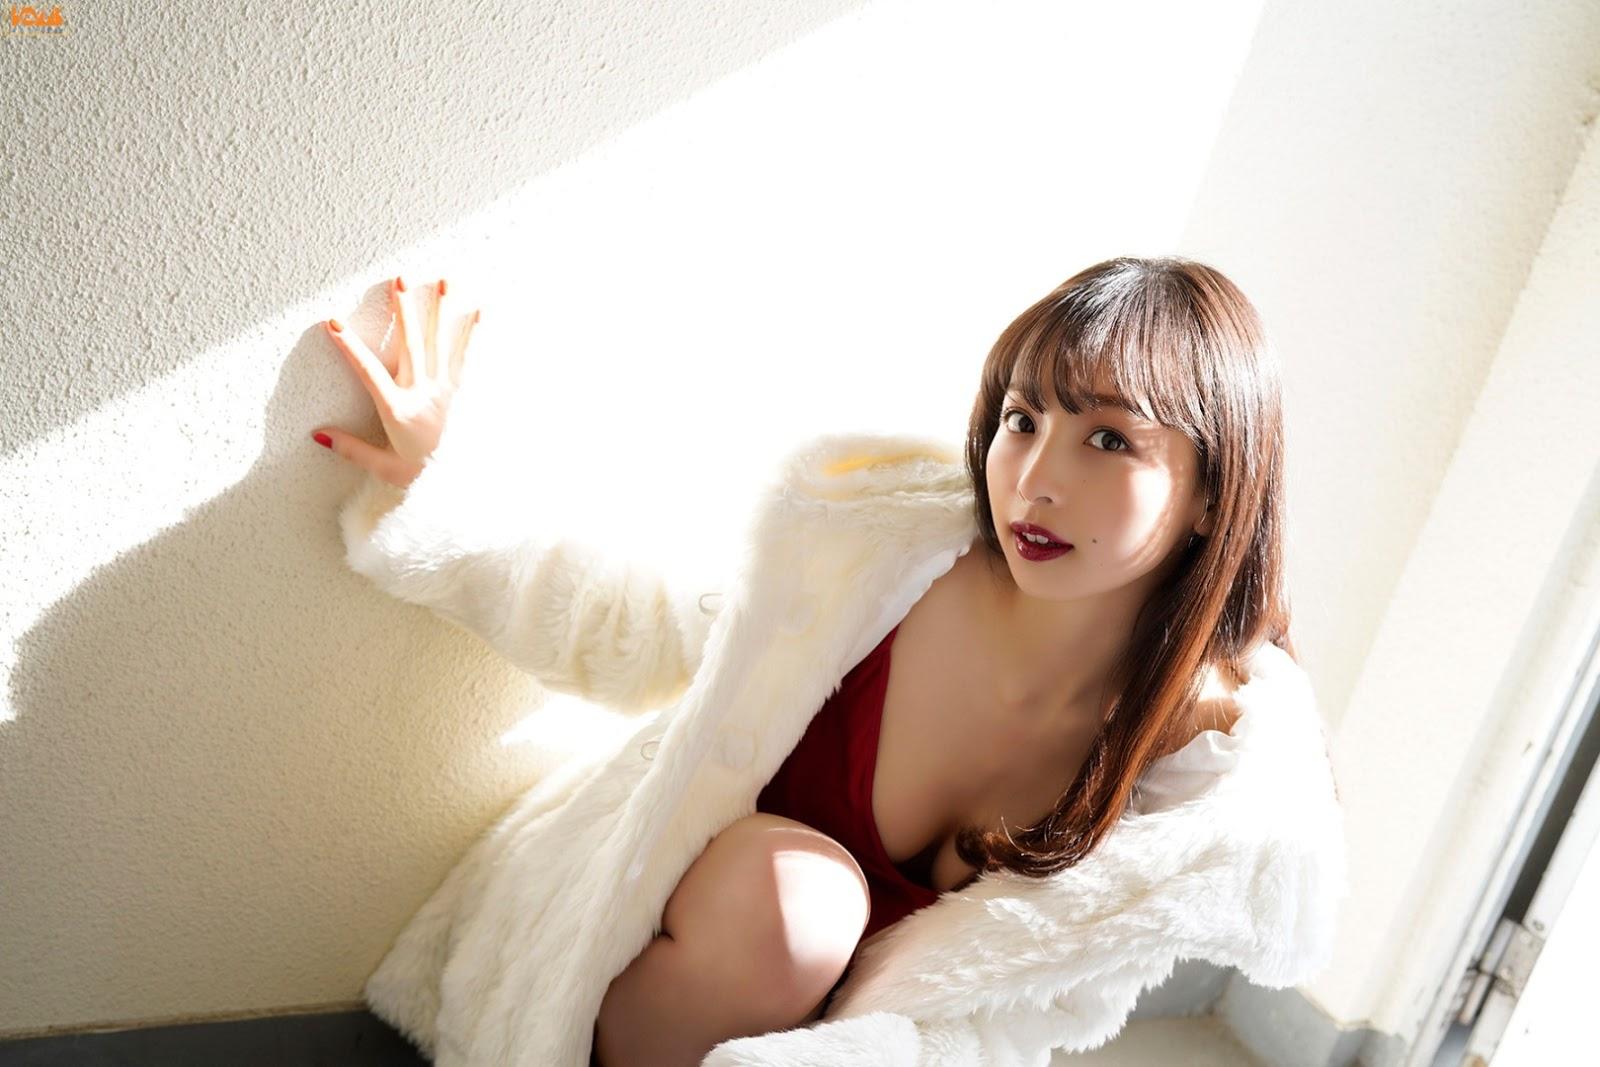 Hanamura 01001